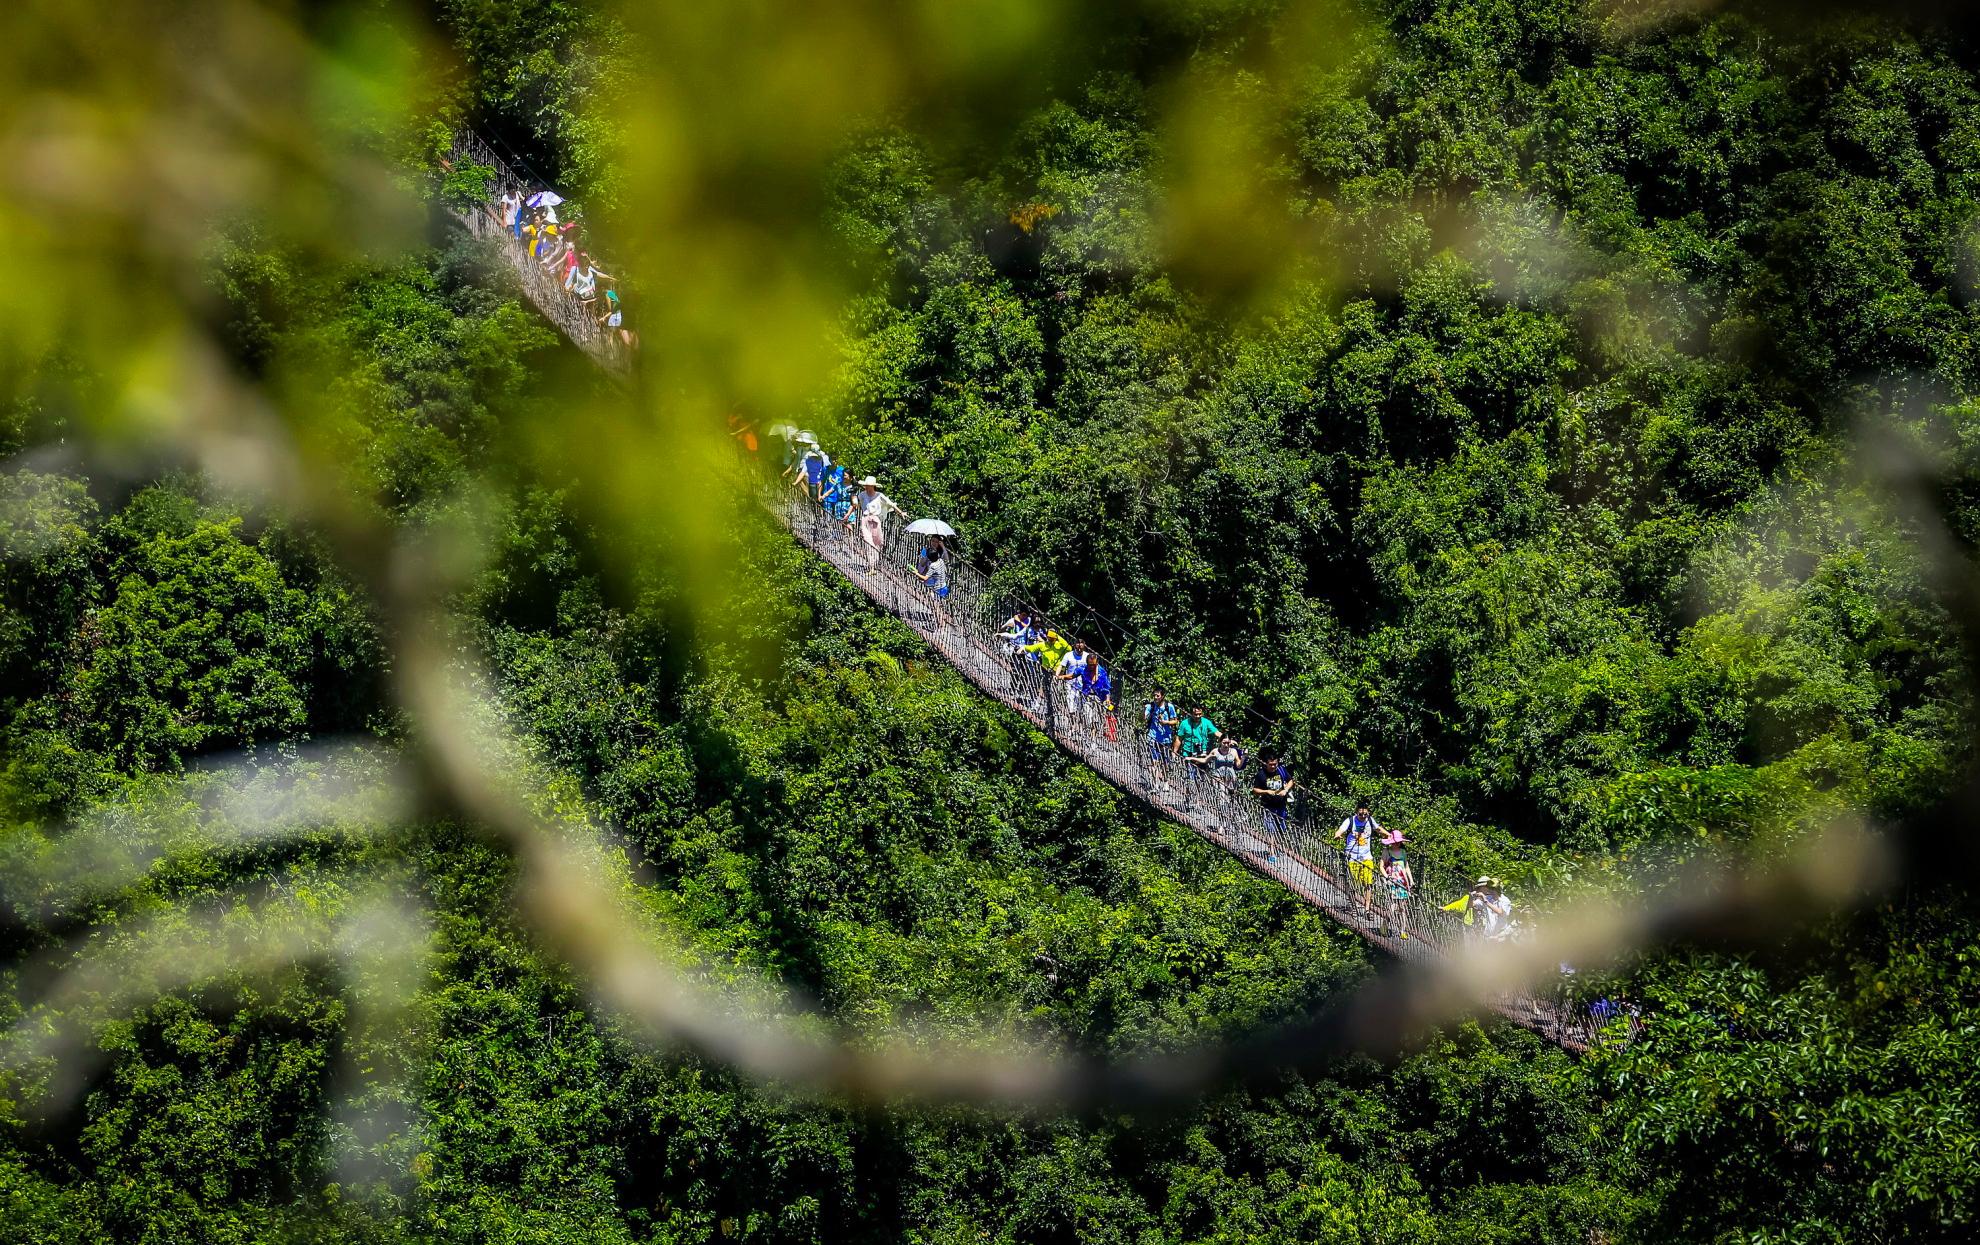 香港游记攻略_三亚图片大全_三亚风景图片/景点照片/旅游摄影【驴妈妈攻略】